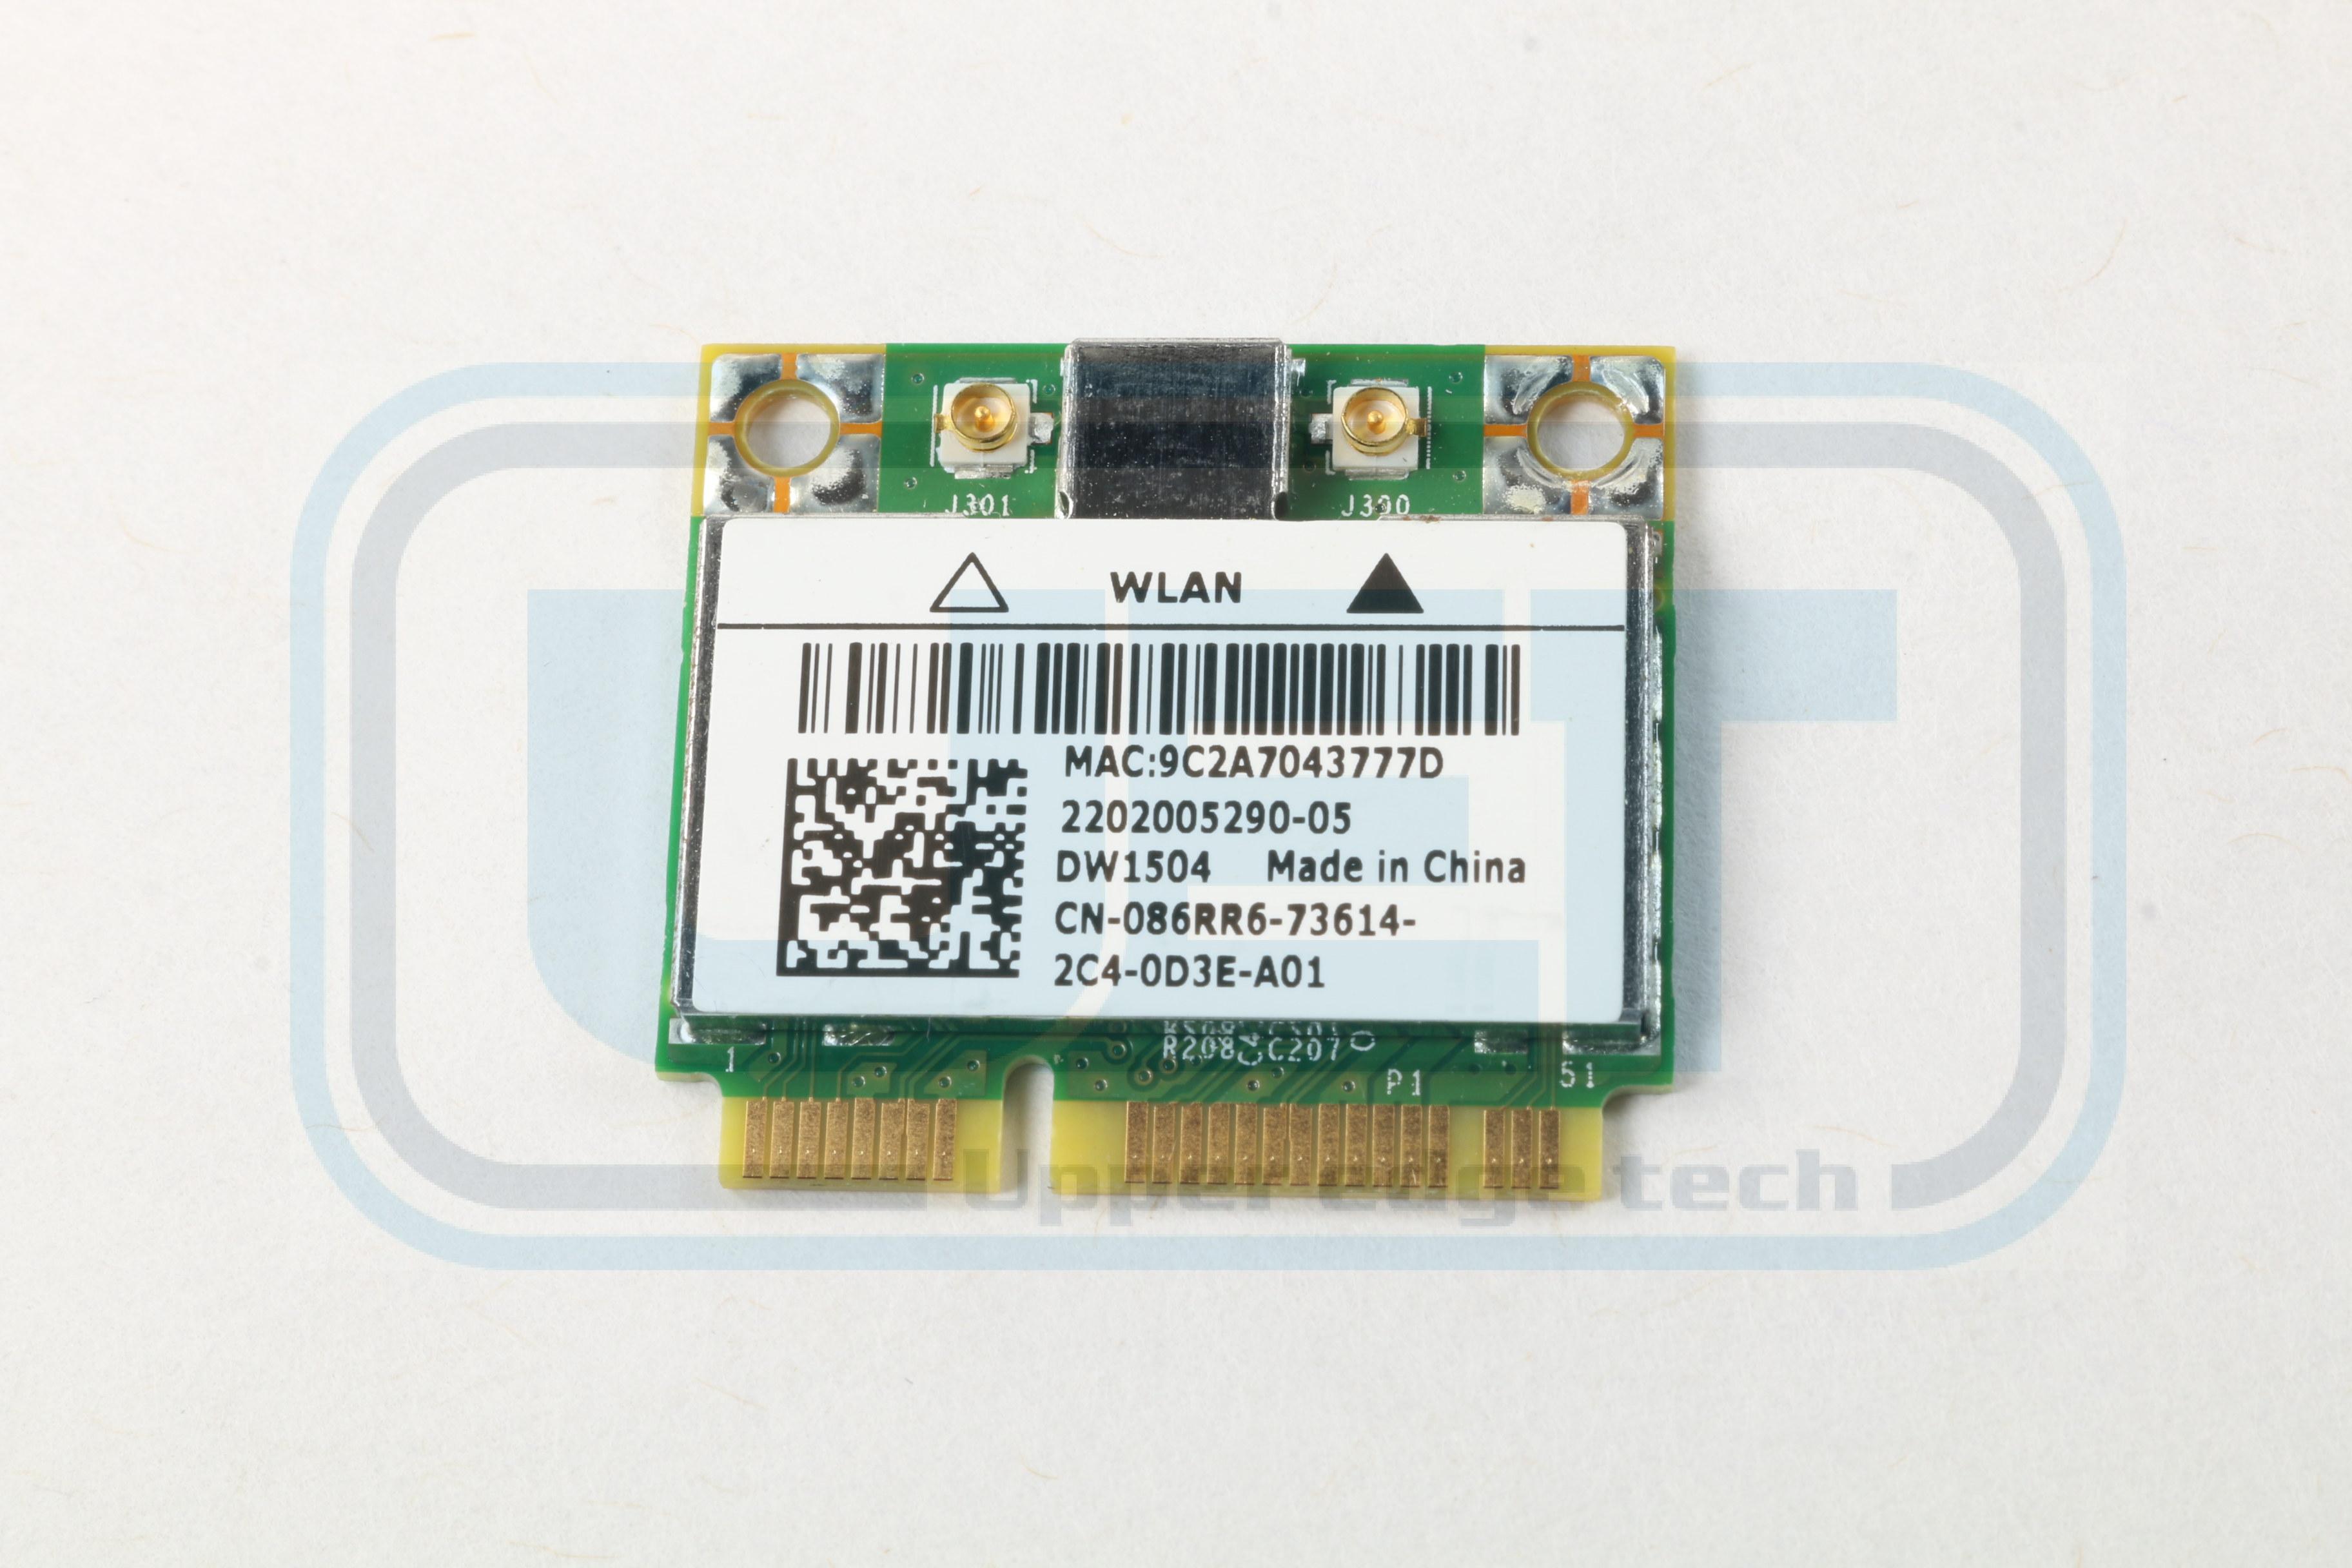 Dell Latitude E6320 Wireless WLAN 802.11n Card 86RR6 Mini